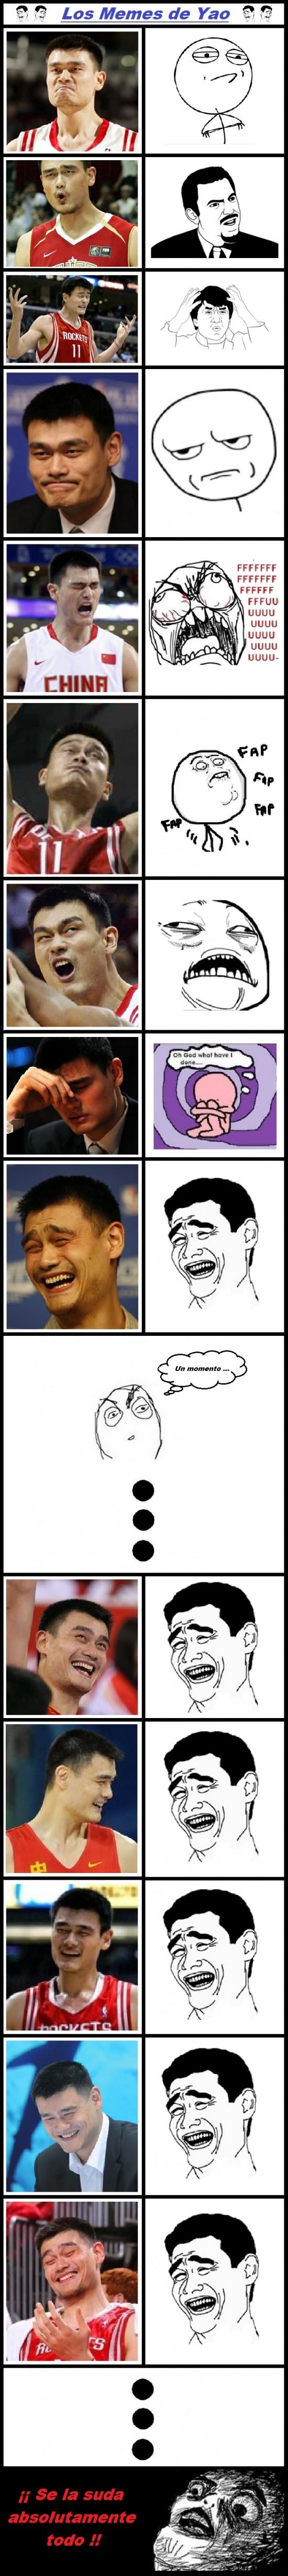 Yao - Yao, el inmortal